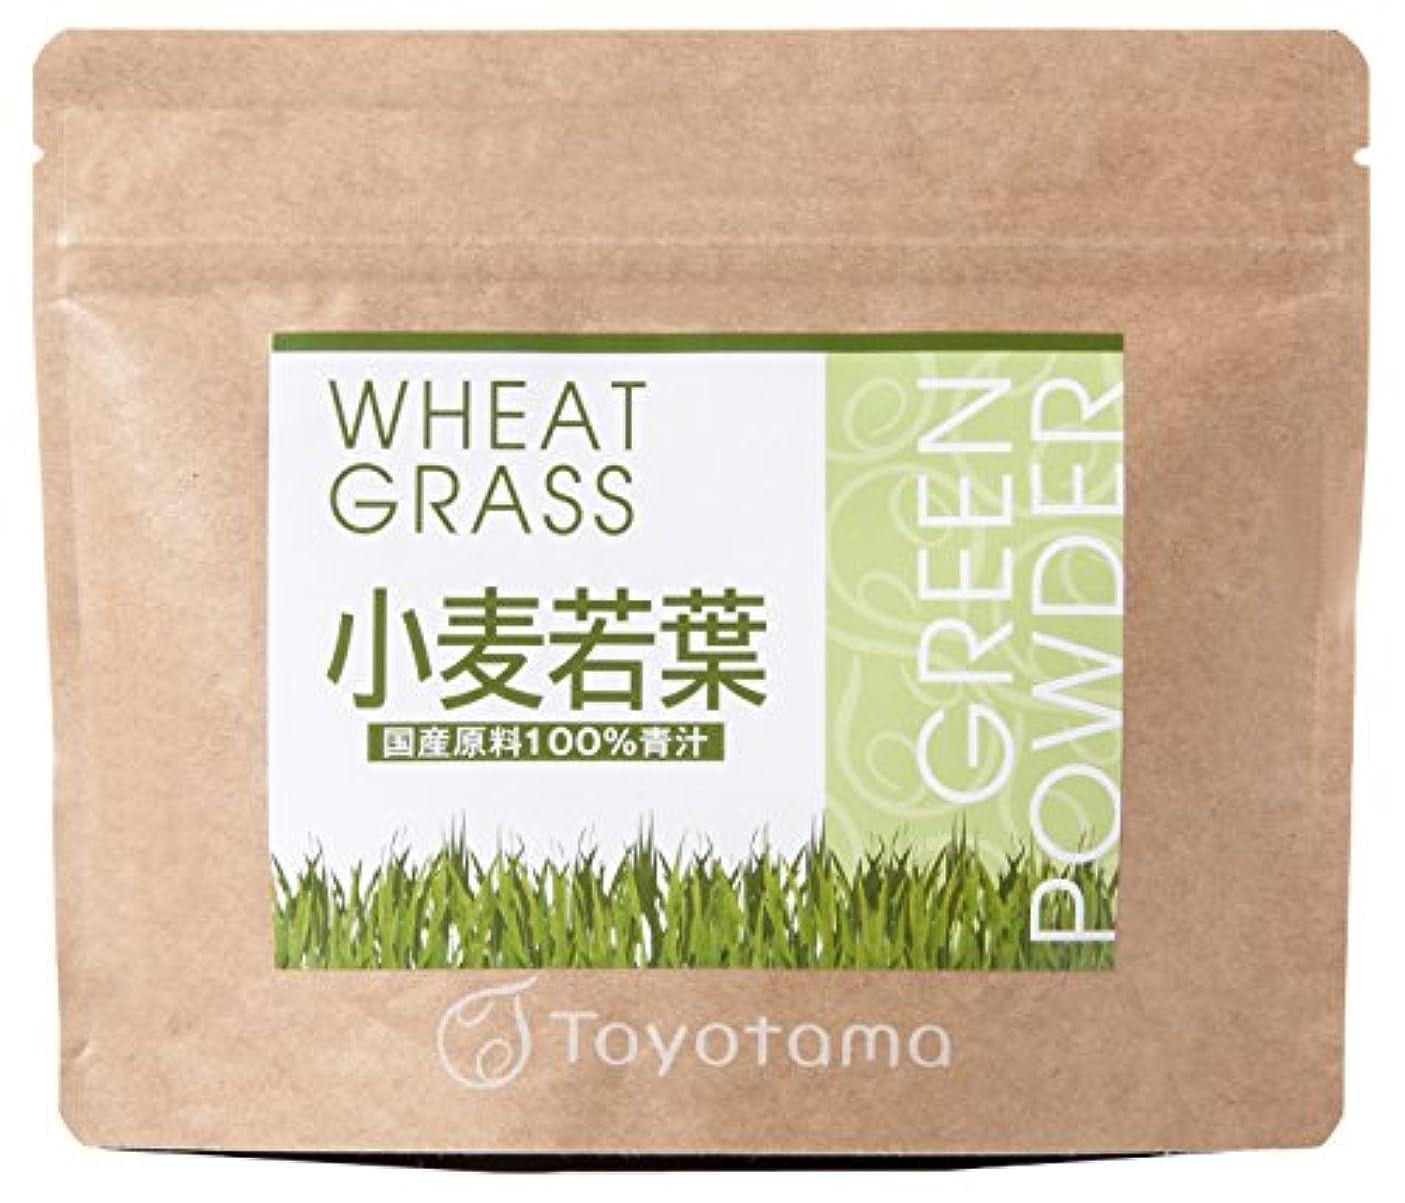 成功する好奇心盛みなすトヨタマ(TOYOTAMA) 国産小麦若葉100%青汁 90g (約30回分) 無添加 ピュアパウダー 1096314